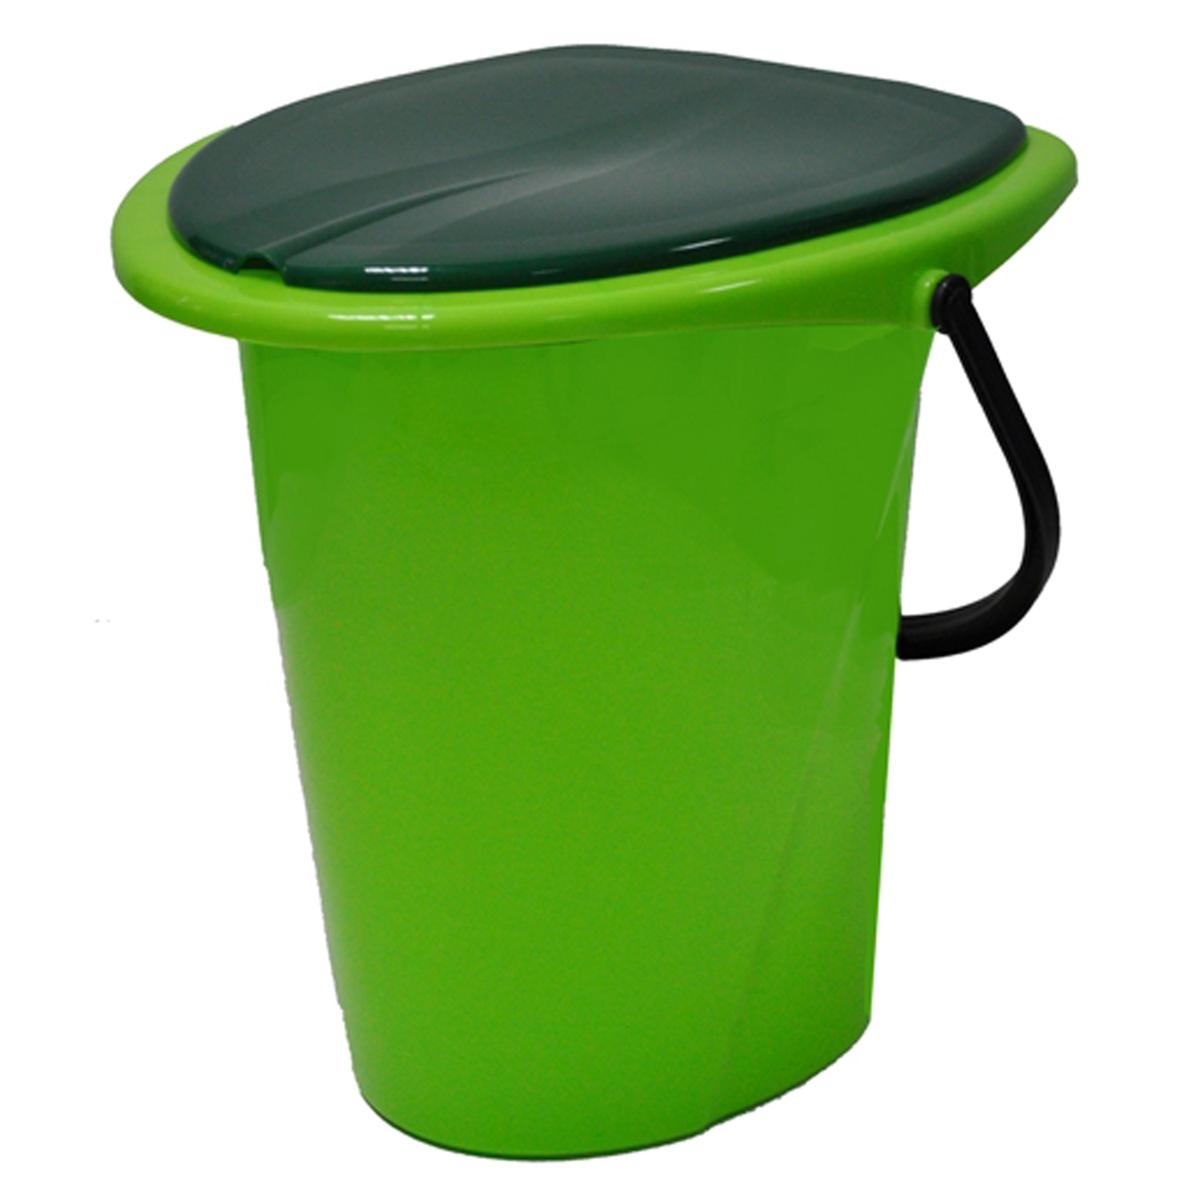 Ведро-туалет InGreen, цвет: зеленый, салатовый, 17 лM1295_коричневыйВедро-туалет InGreen выполнено из пластика. Этонезаменимая вещь на даче, а также для пожилых людей илюдей с ограниченными возможностями. Устойчивое ивысокое ведро удобно в использовании. Ведро-туалет имеетэргономичное съемное сиденье - это позволит легко его мытьи сушить отдельно. Ведро снабжено крышкой, что препятствуетраспространению неприятных запахов. Прочный пластиквыдержит даже людей с большим весом.